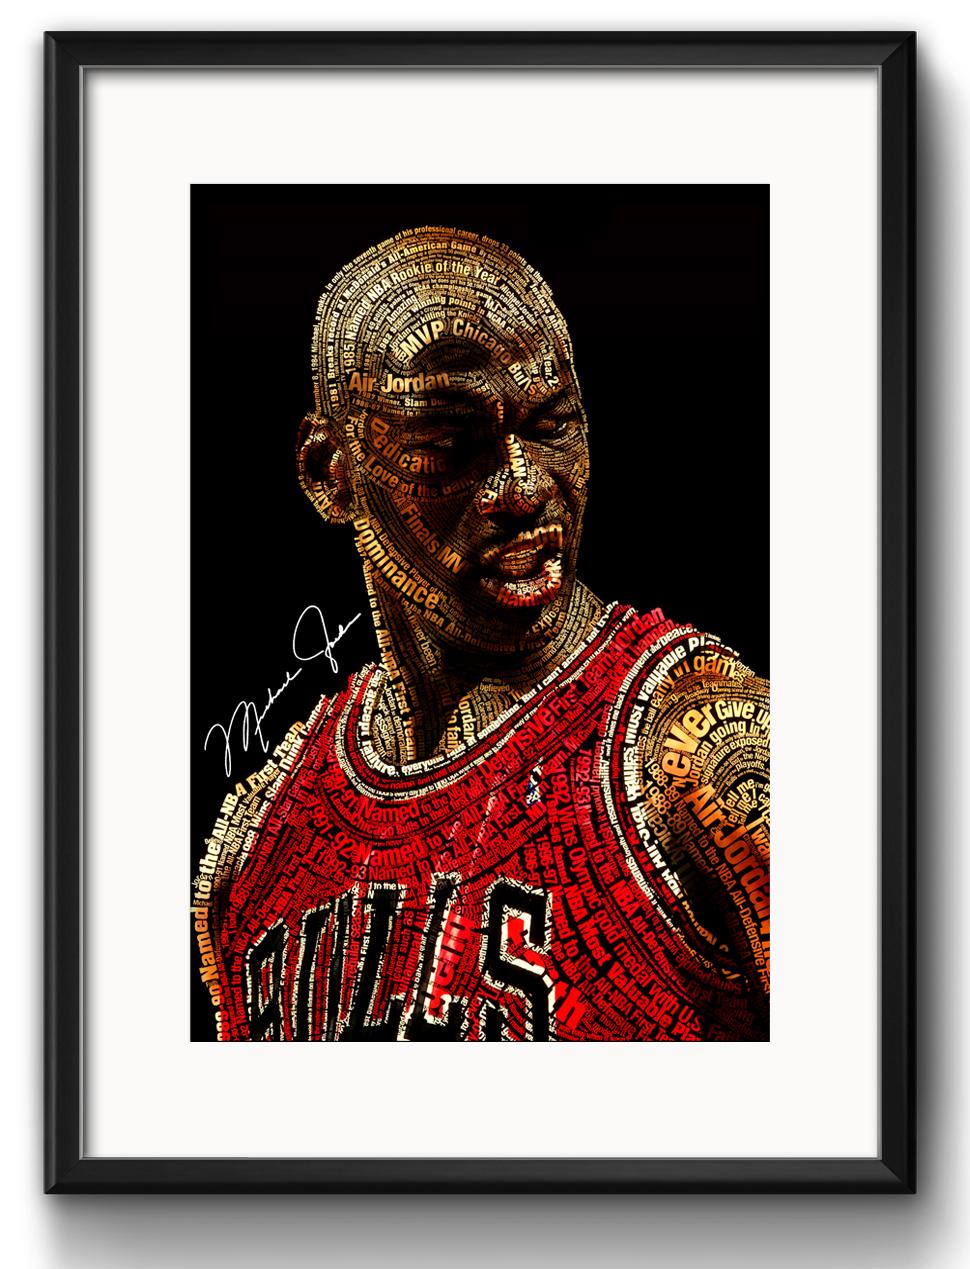 31b776a2d79 Comprar Quadro do Michael Jordan